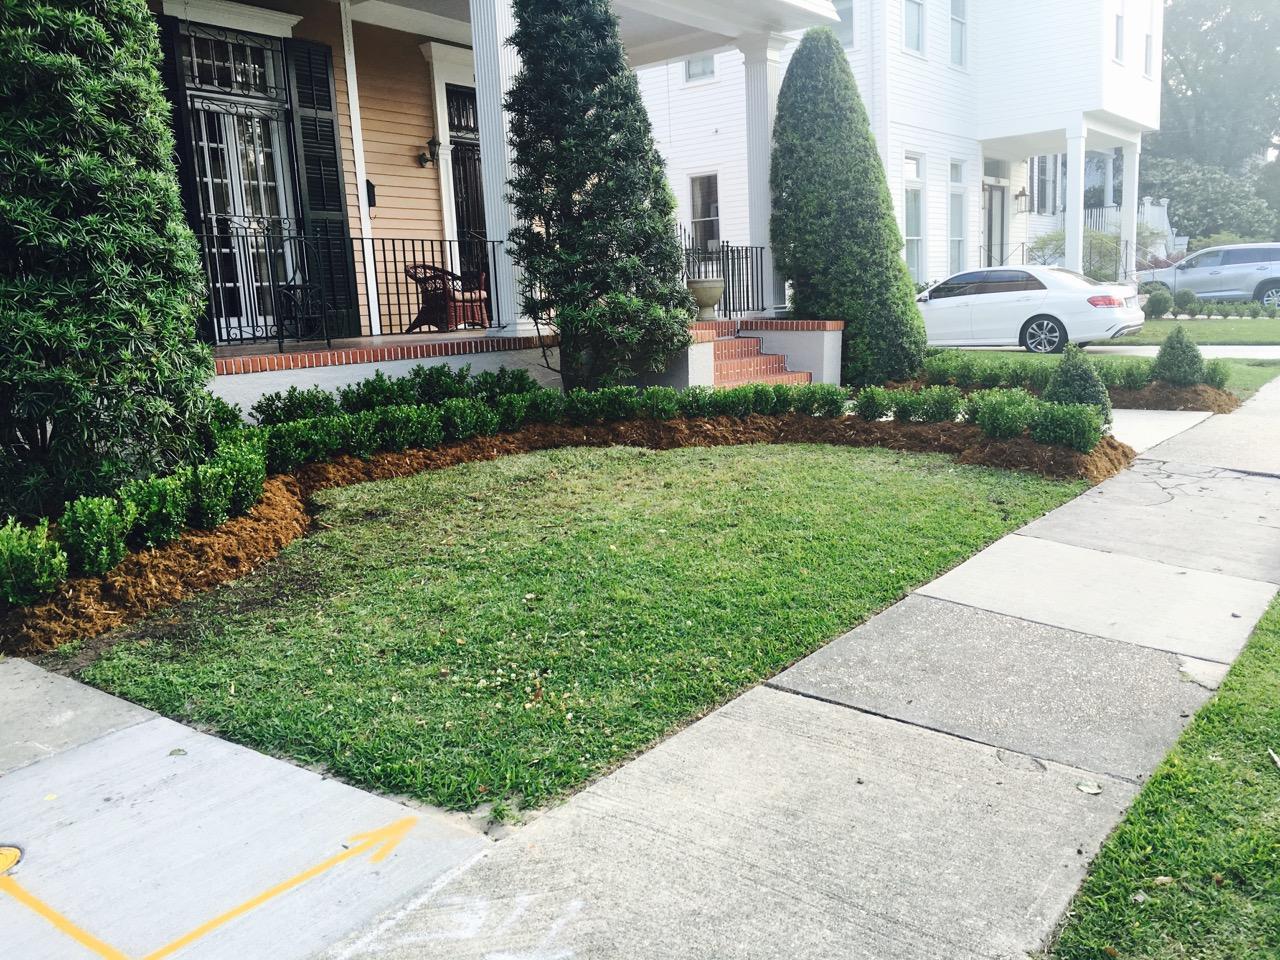 photo 1 ... - Pfefferle's Lawn Care Premium Landscape Maintenance Lakeview New